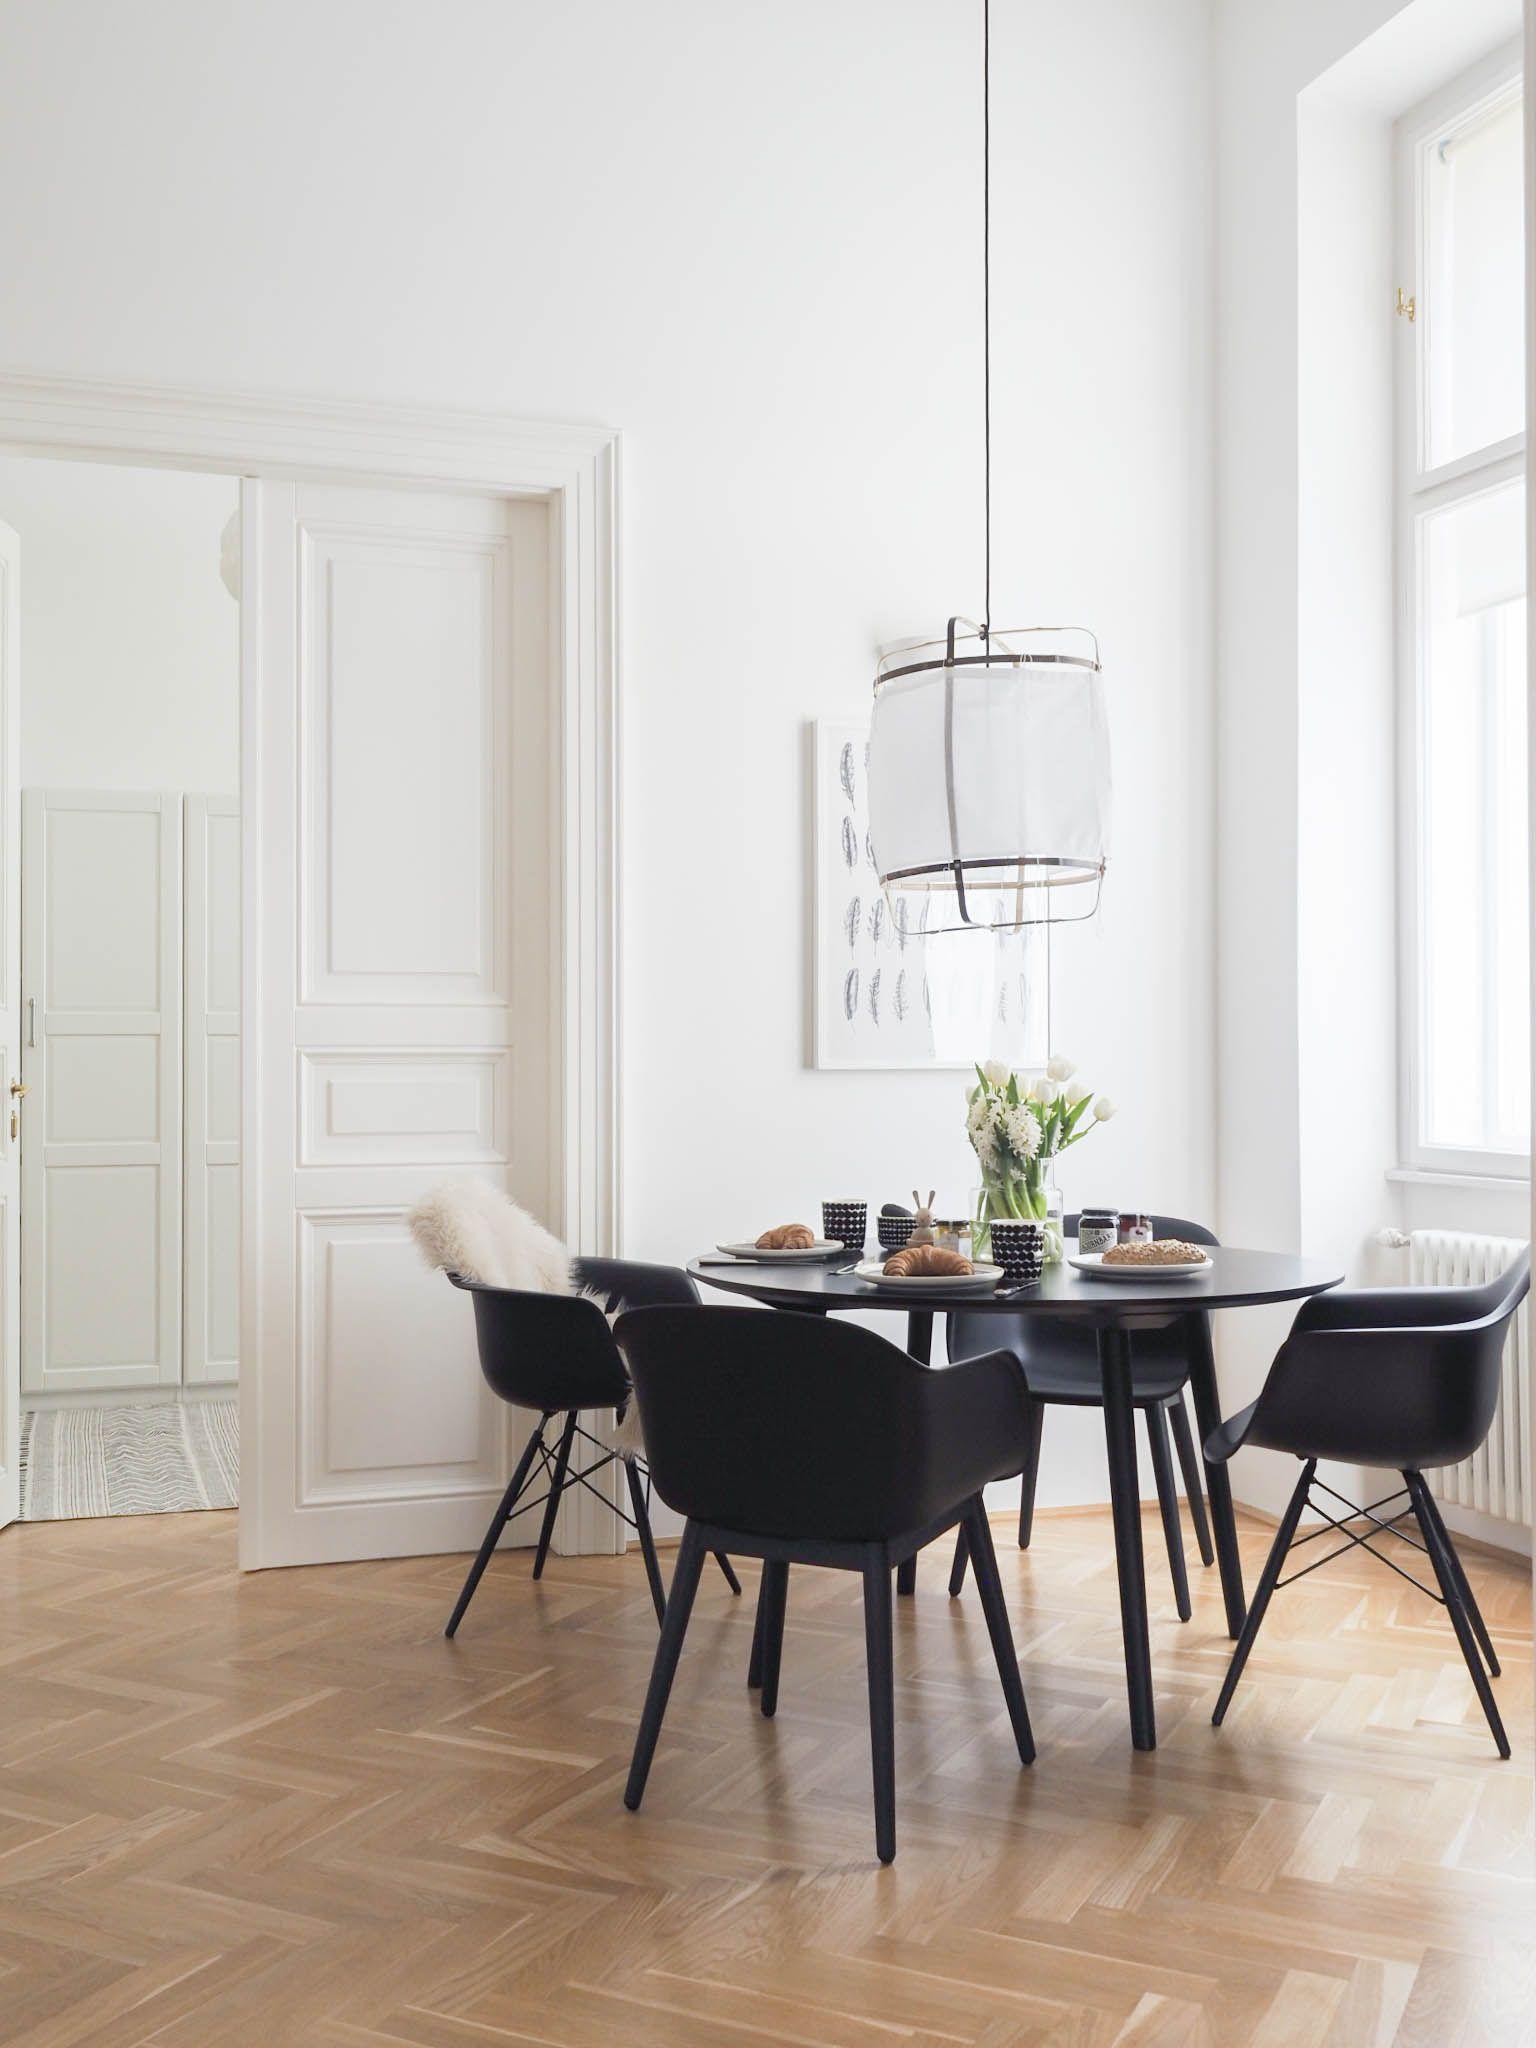 Schön Stühle Für Esstisch Dekoration Von (almost) All Black Everything: Neuer Esstisch, Neue